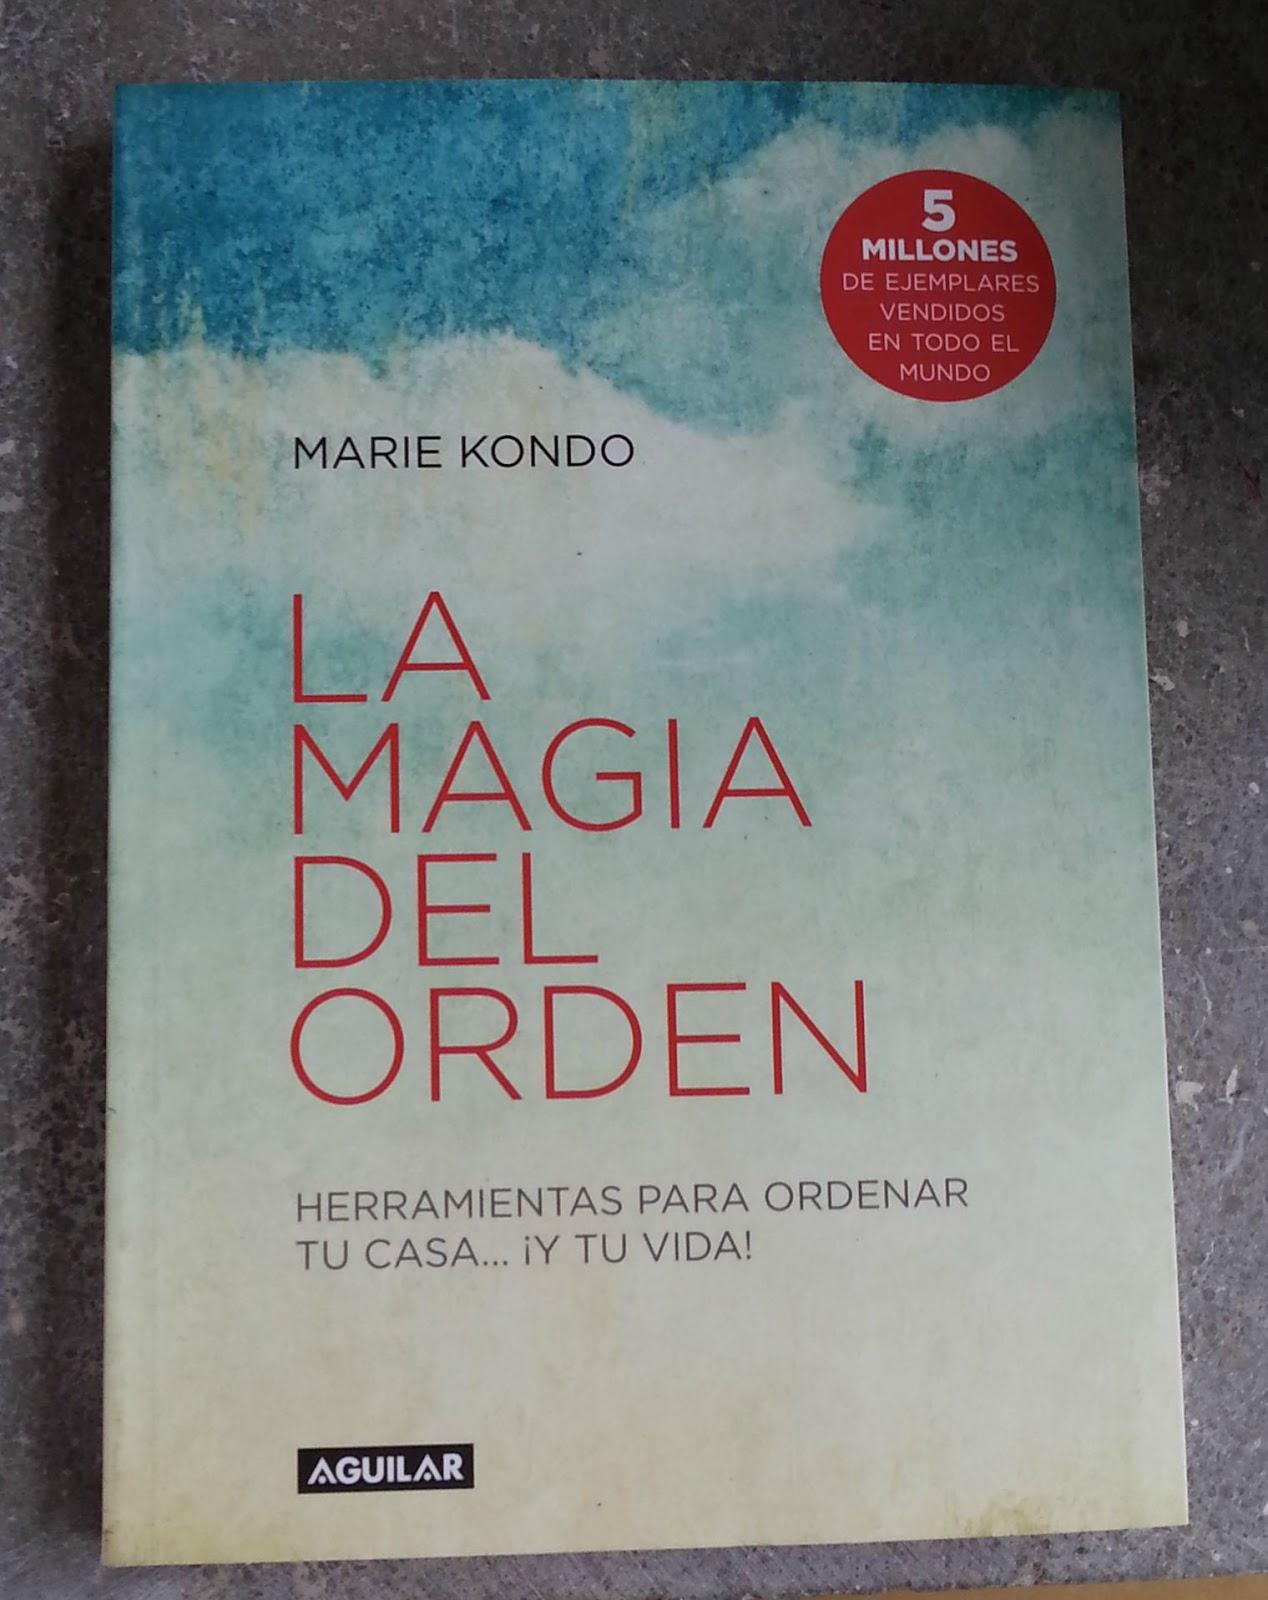 La magia del orden y la costura qu puedo hacer con esto - Libro orden japonesa ...